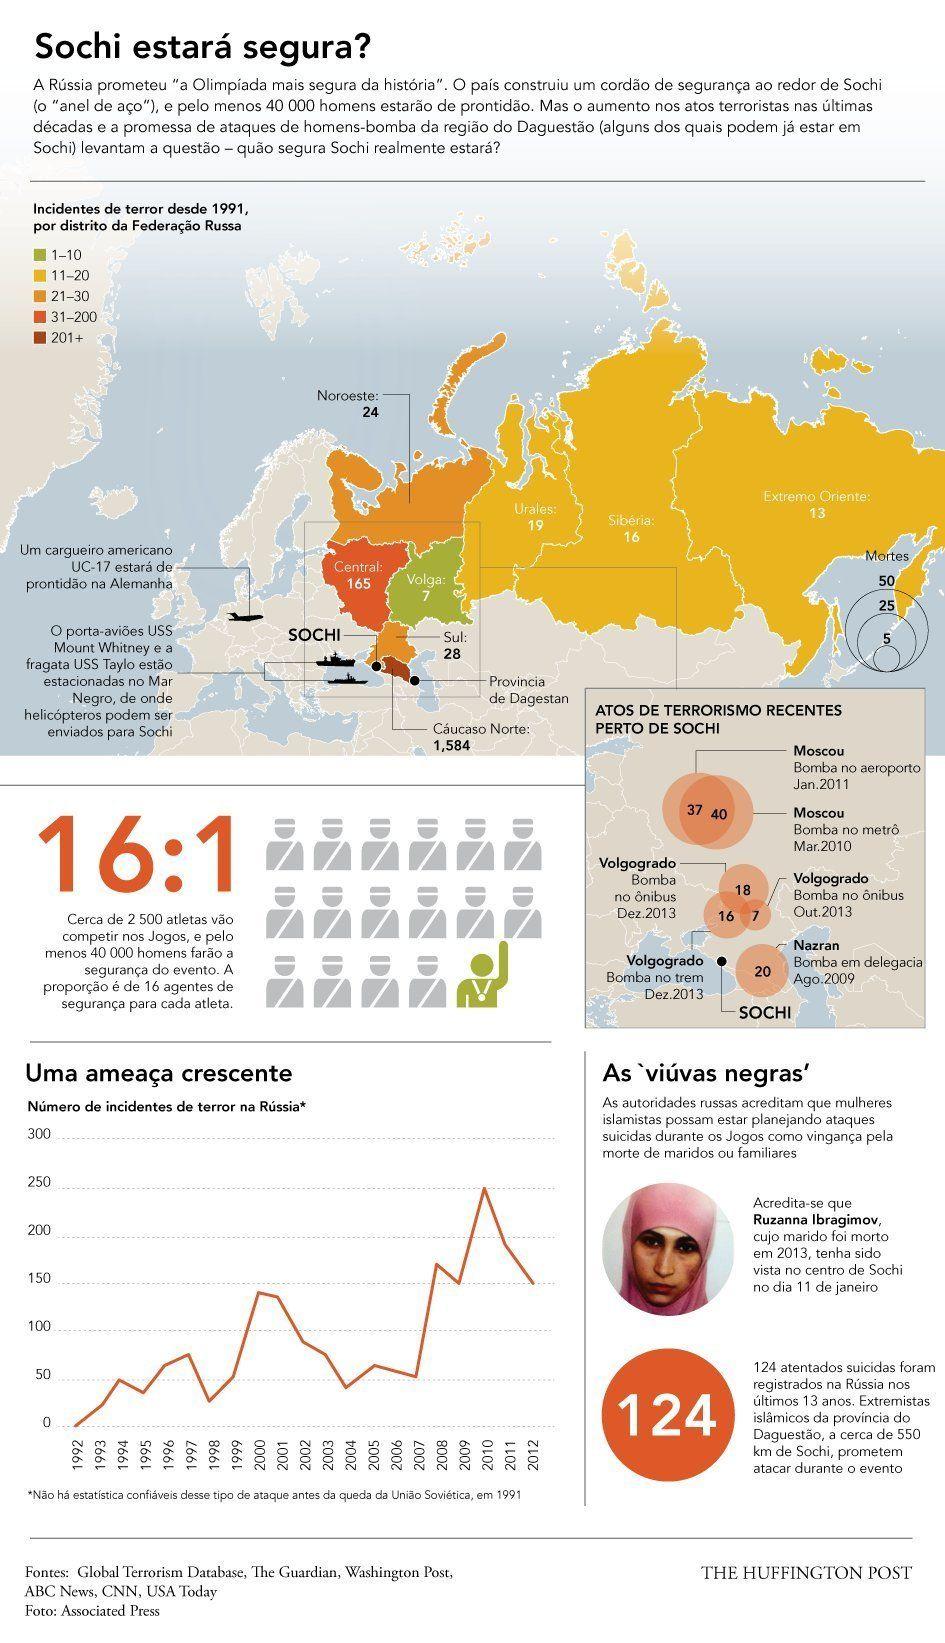 Segurança em Sochi pode estar ameaçada por